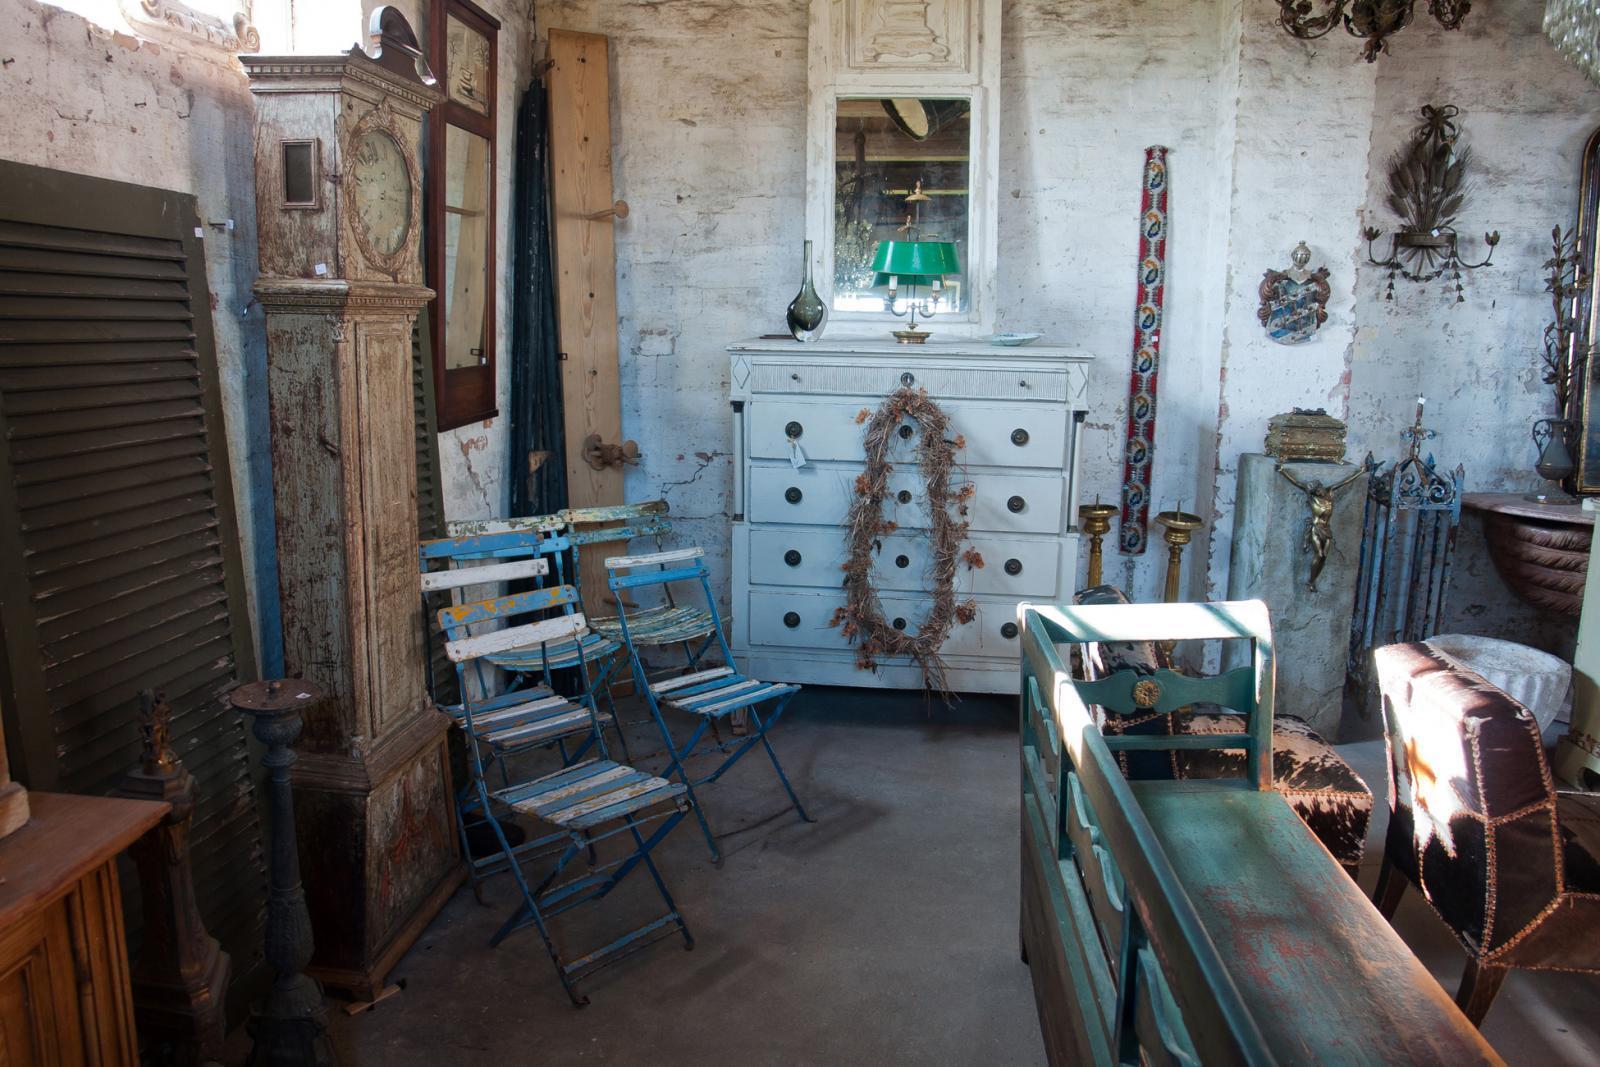 Shop at Alfies Antique Market